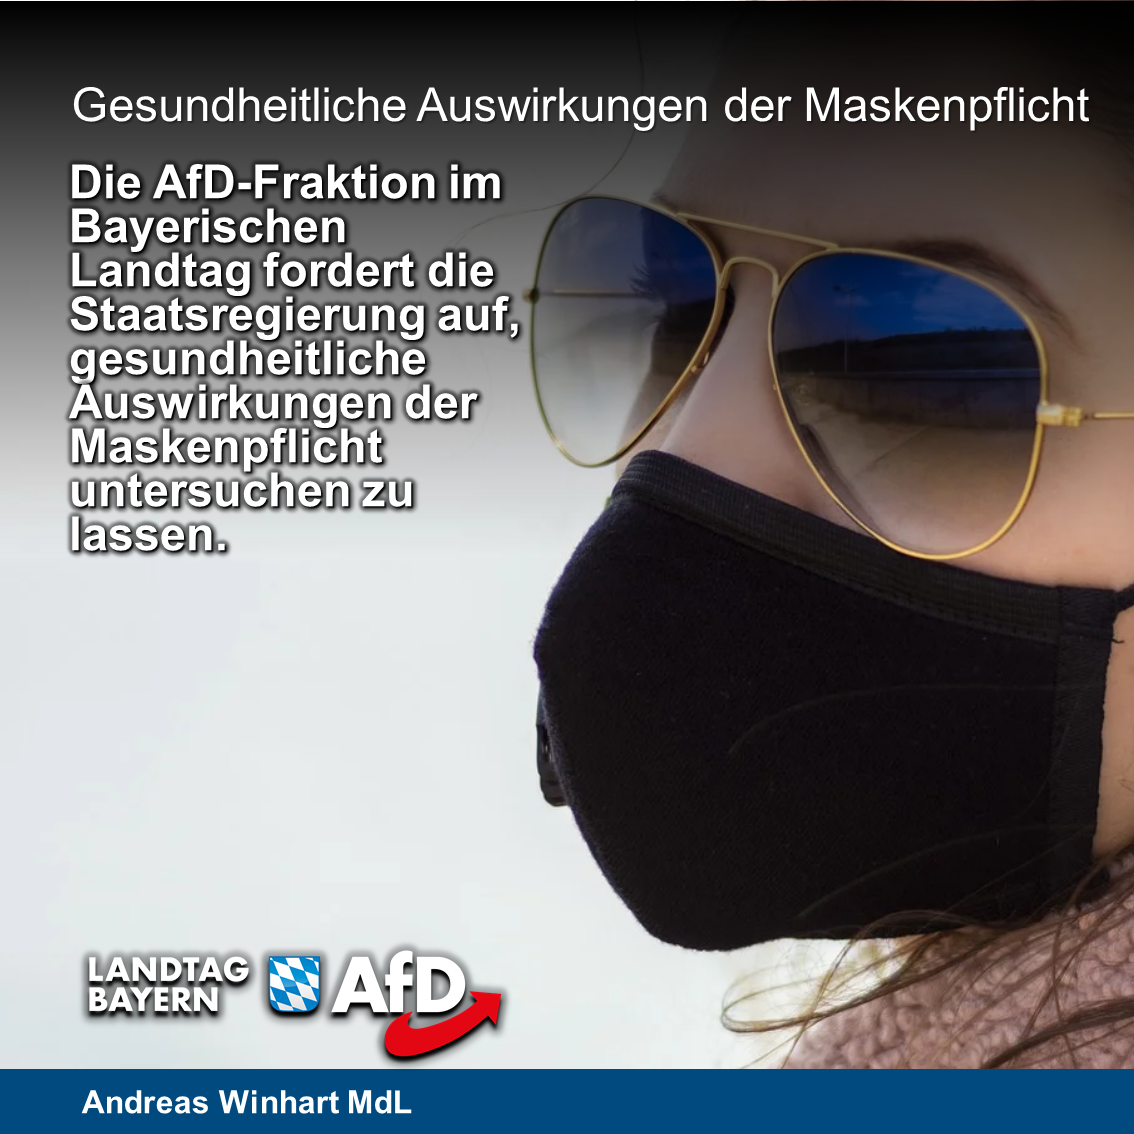 Wissenschaftliche Studie zur Mund-Nasen-Bedeckung: AfD fordert Staatsregierung auf, die gesundheitlichen Auswirkungen der Maskenpflicht untersuchen zu lassen